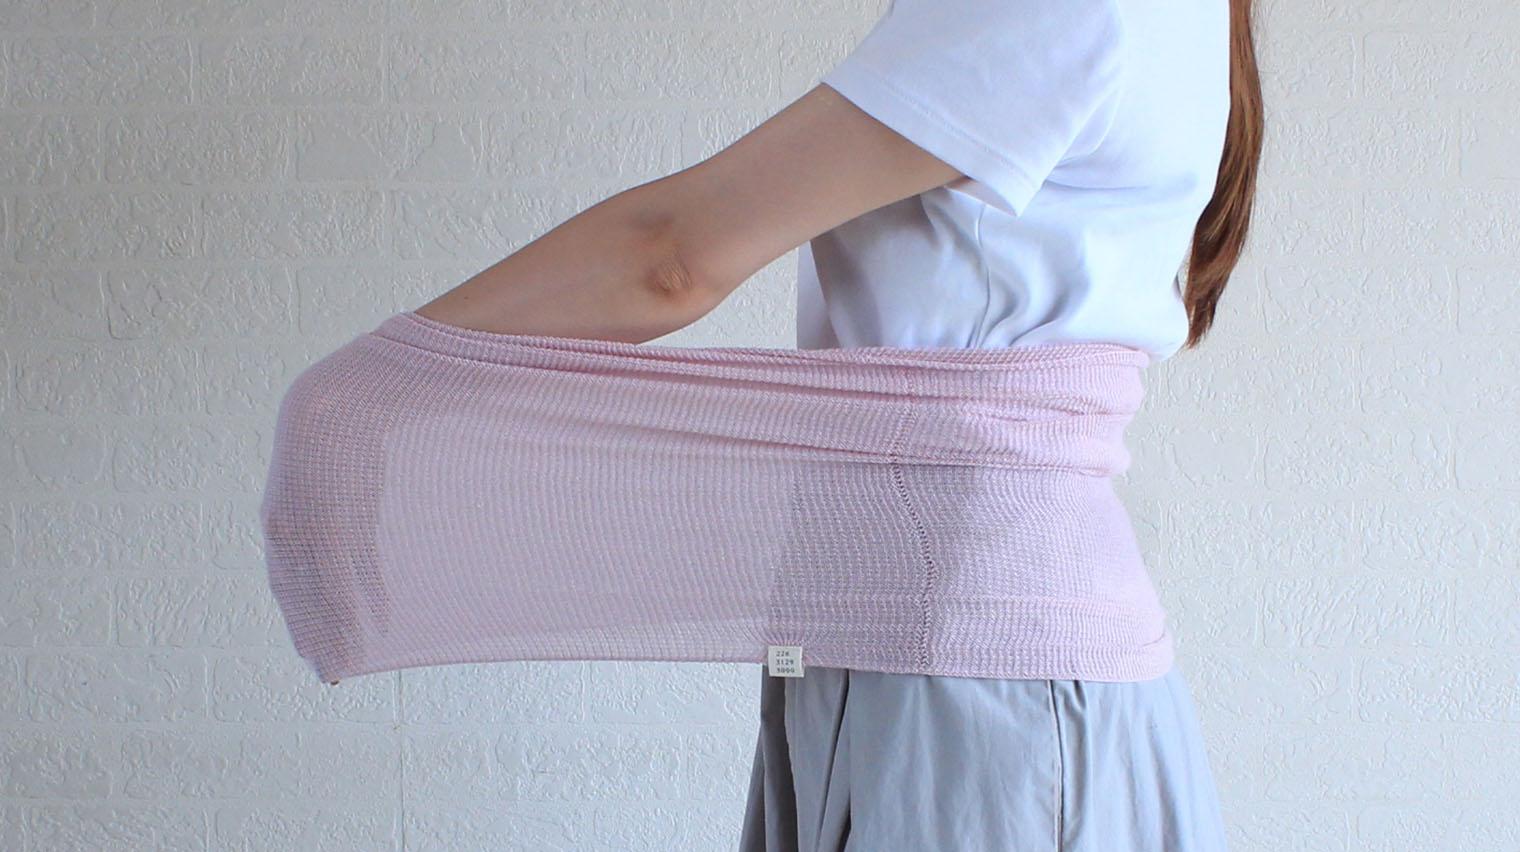 ハラマキ おなかをつつむ のびるニットハラマキ 薄手 冷え性 綿レーヨンシルク